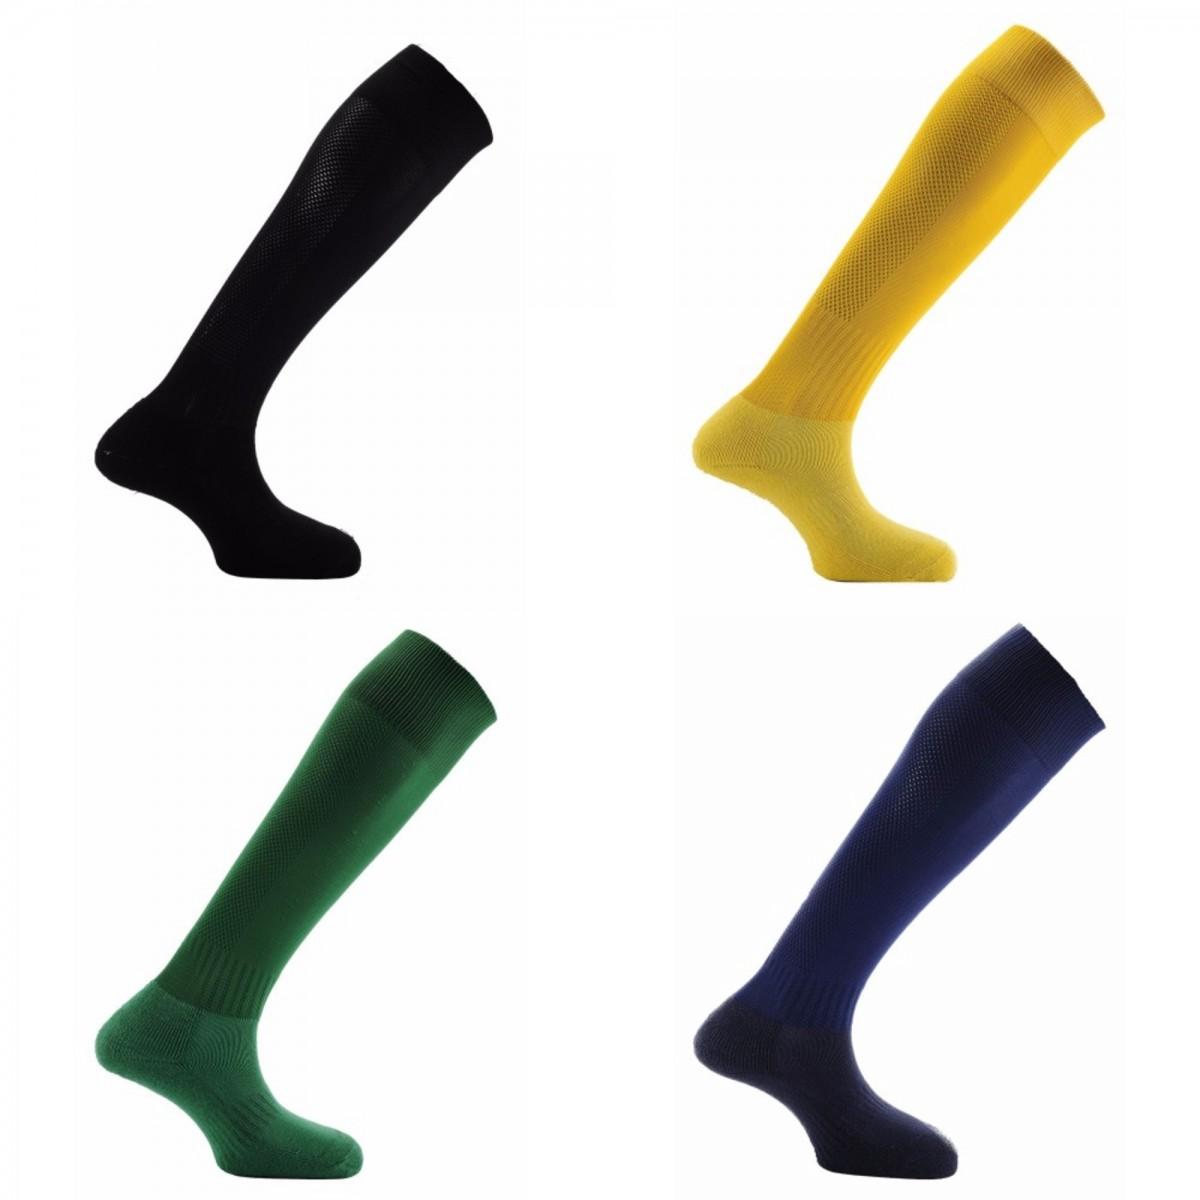 (ホライズン) Horizon ユニセックス Club Team Wear ソックス 靴下 スポーツ アウトドア